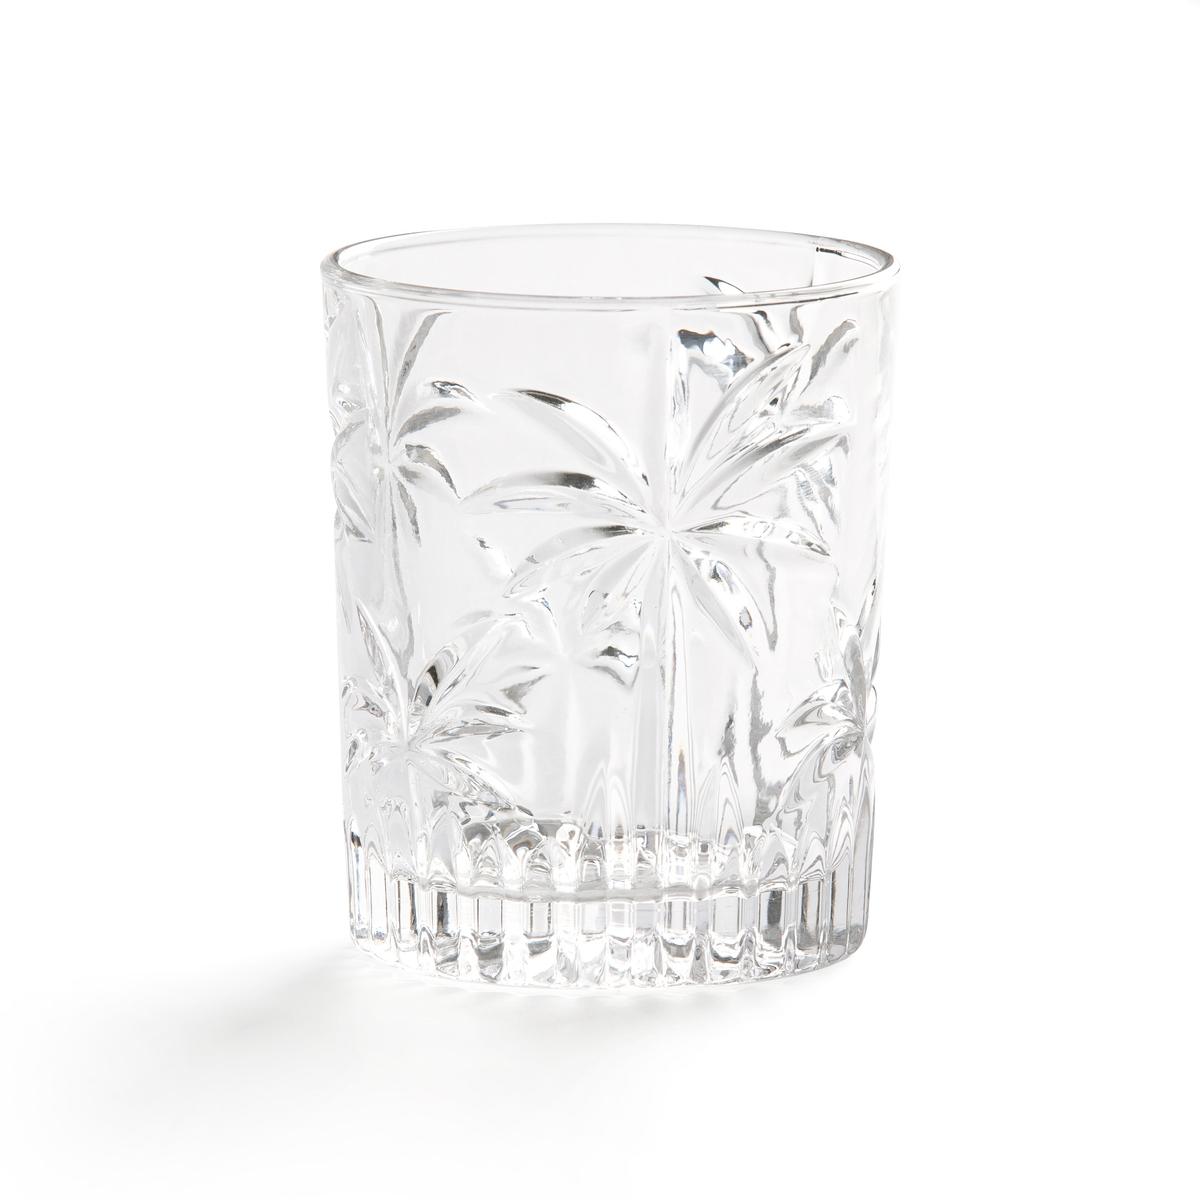 Комплект из 4 резных стаканов LaRedoute PALEM единый размер другие набор laredoute из 6 стаканов troquet единый размер другие